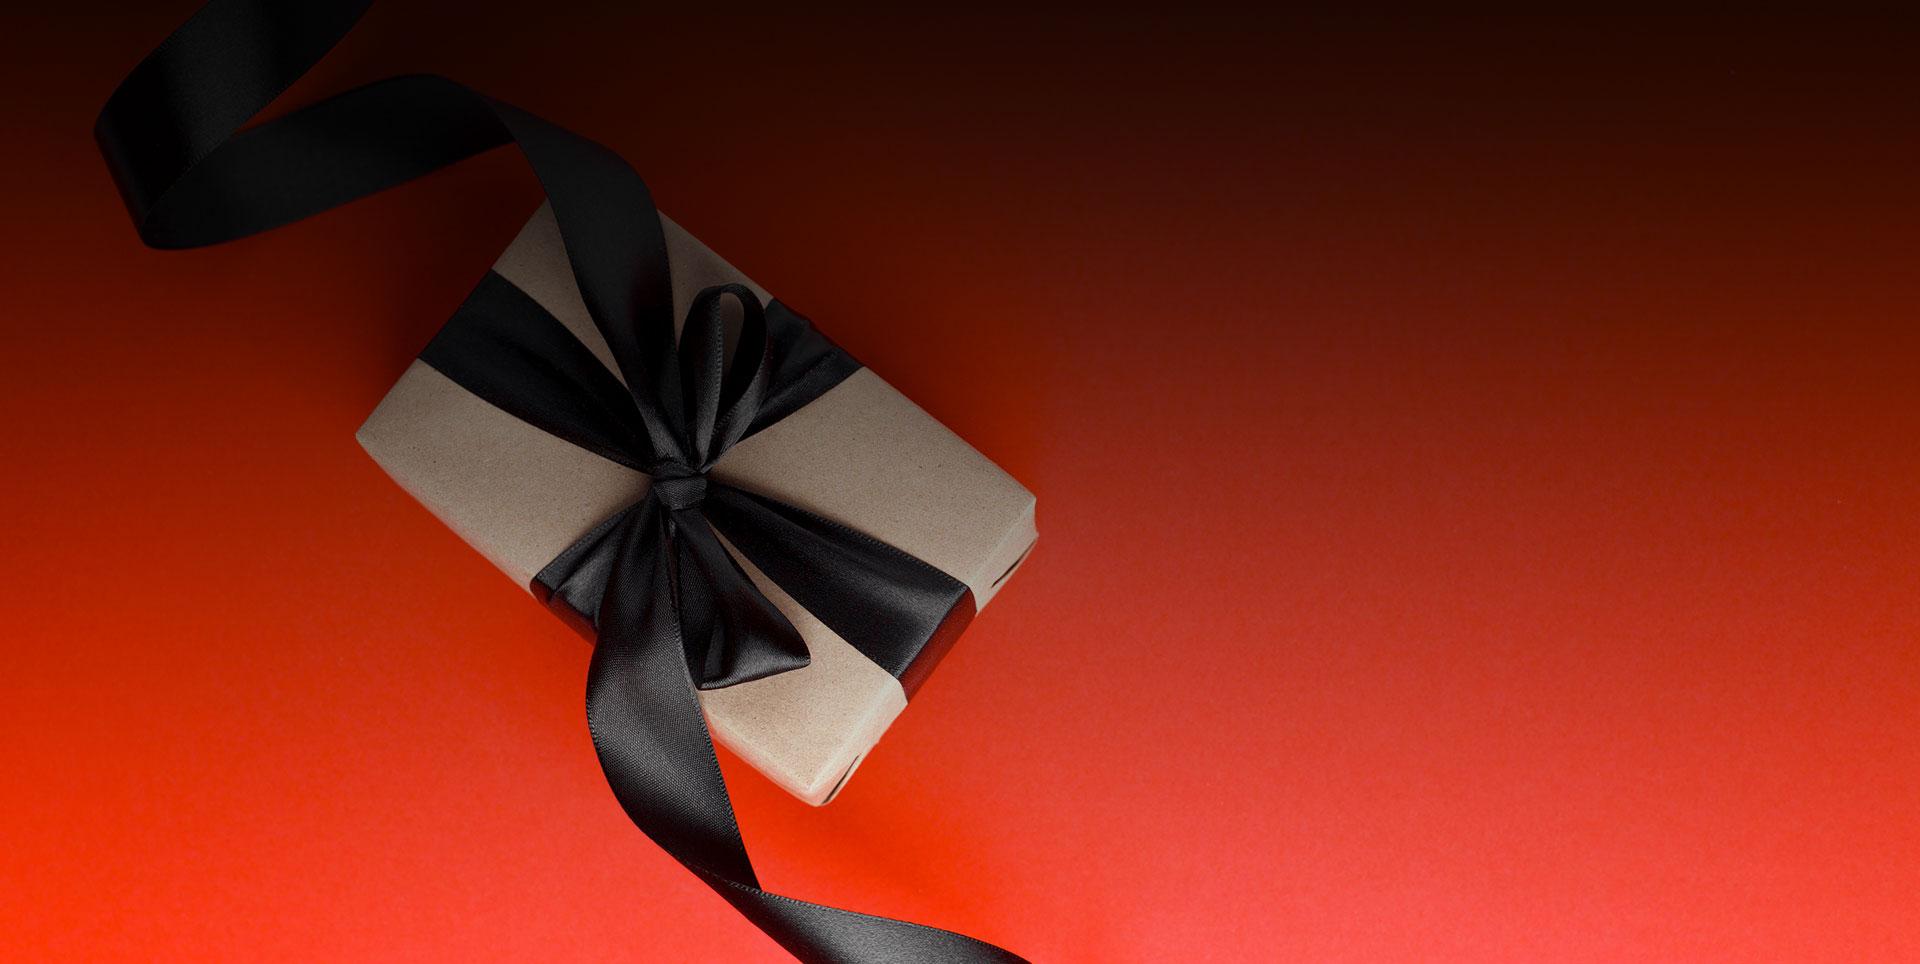 Monetary Gift Vouchers